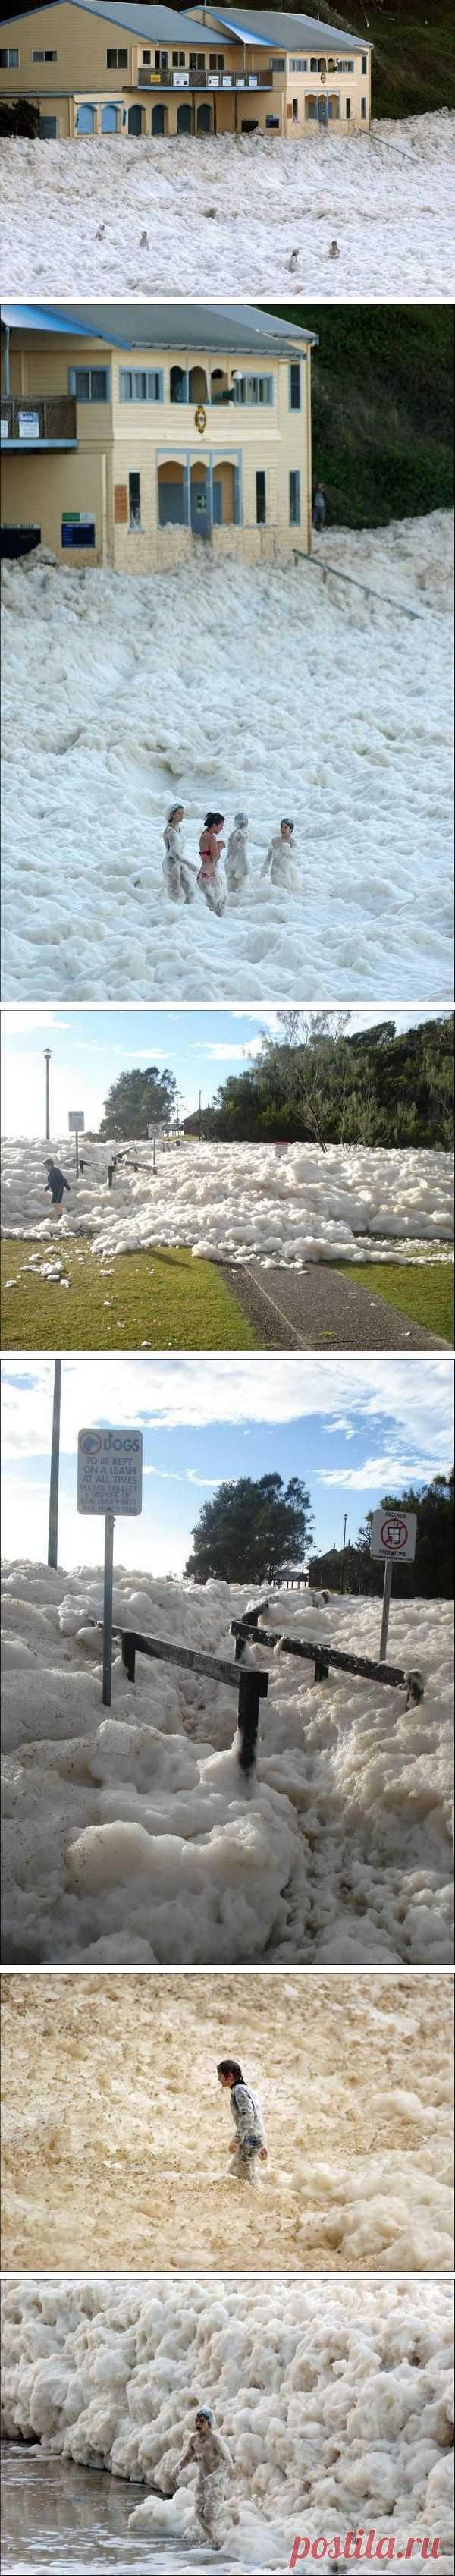 Пожарники отдыхают! Океан взбил пену. Новый Южный Уэльс, Австралия